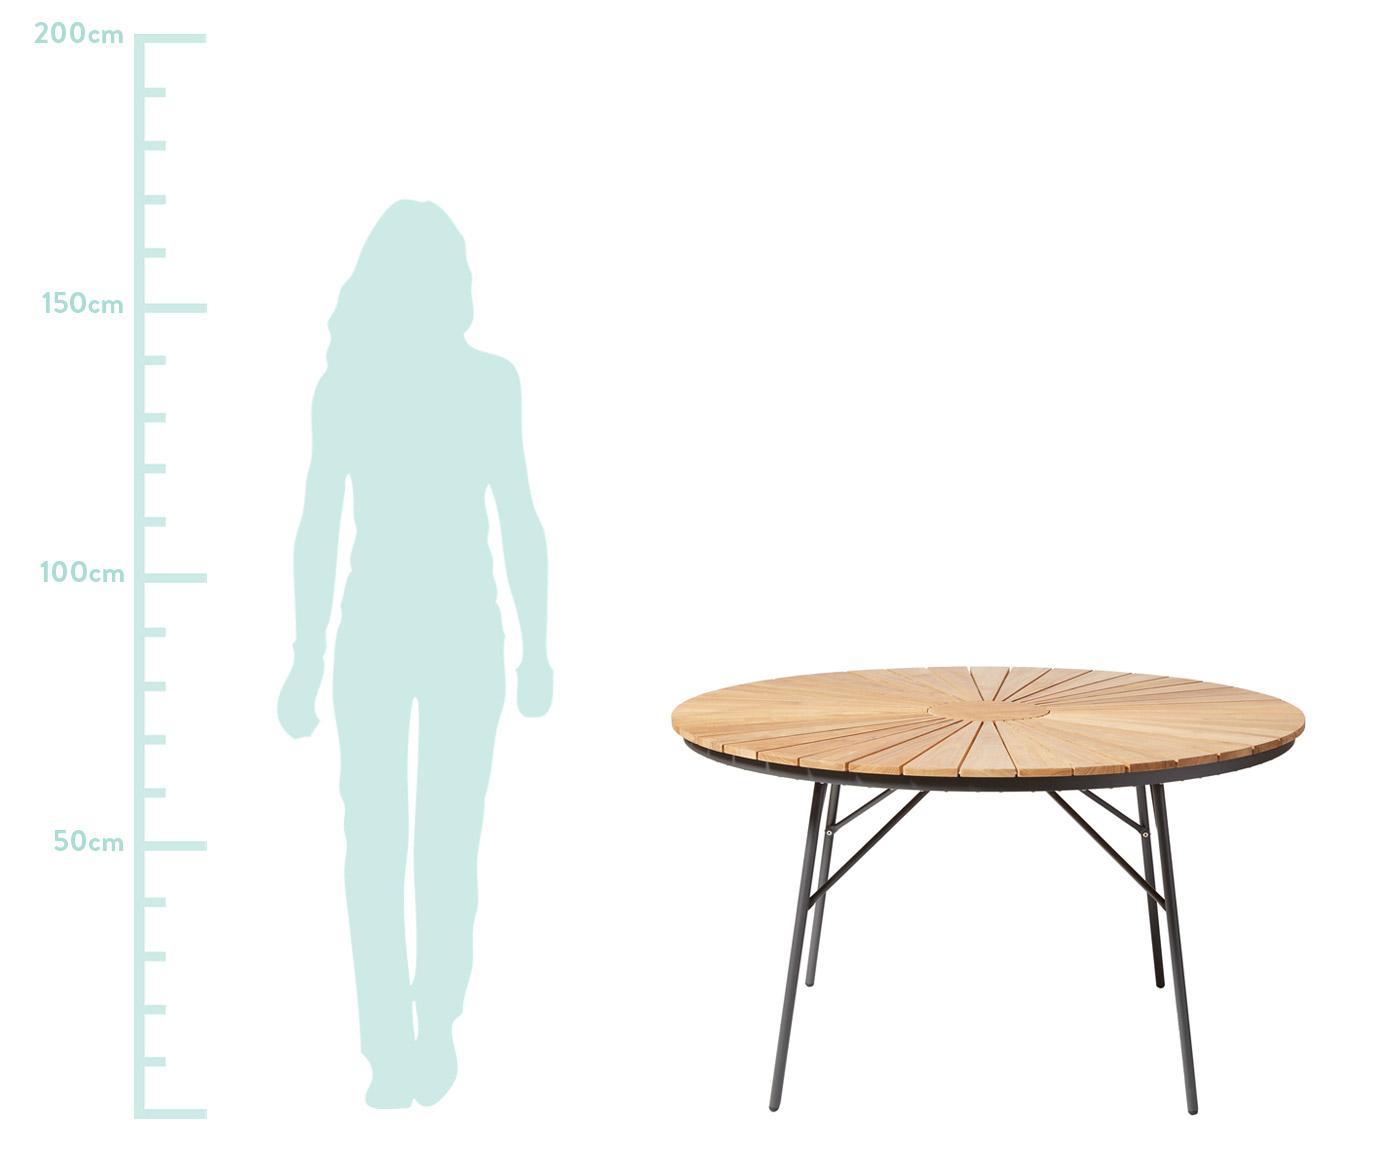 Runder Gartentisch Hard & Ellen aus Holz, Tischplatte: Teakholz, geschliffen, Anthrazit, Teak, Ø 130 x H 73 cm